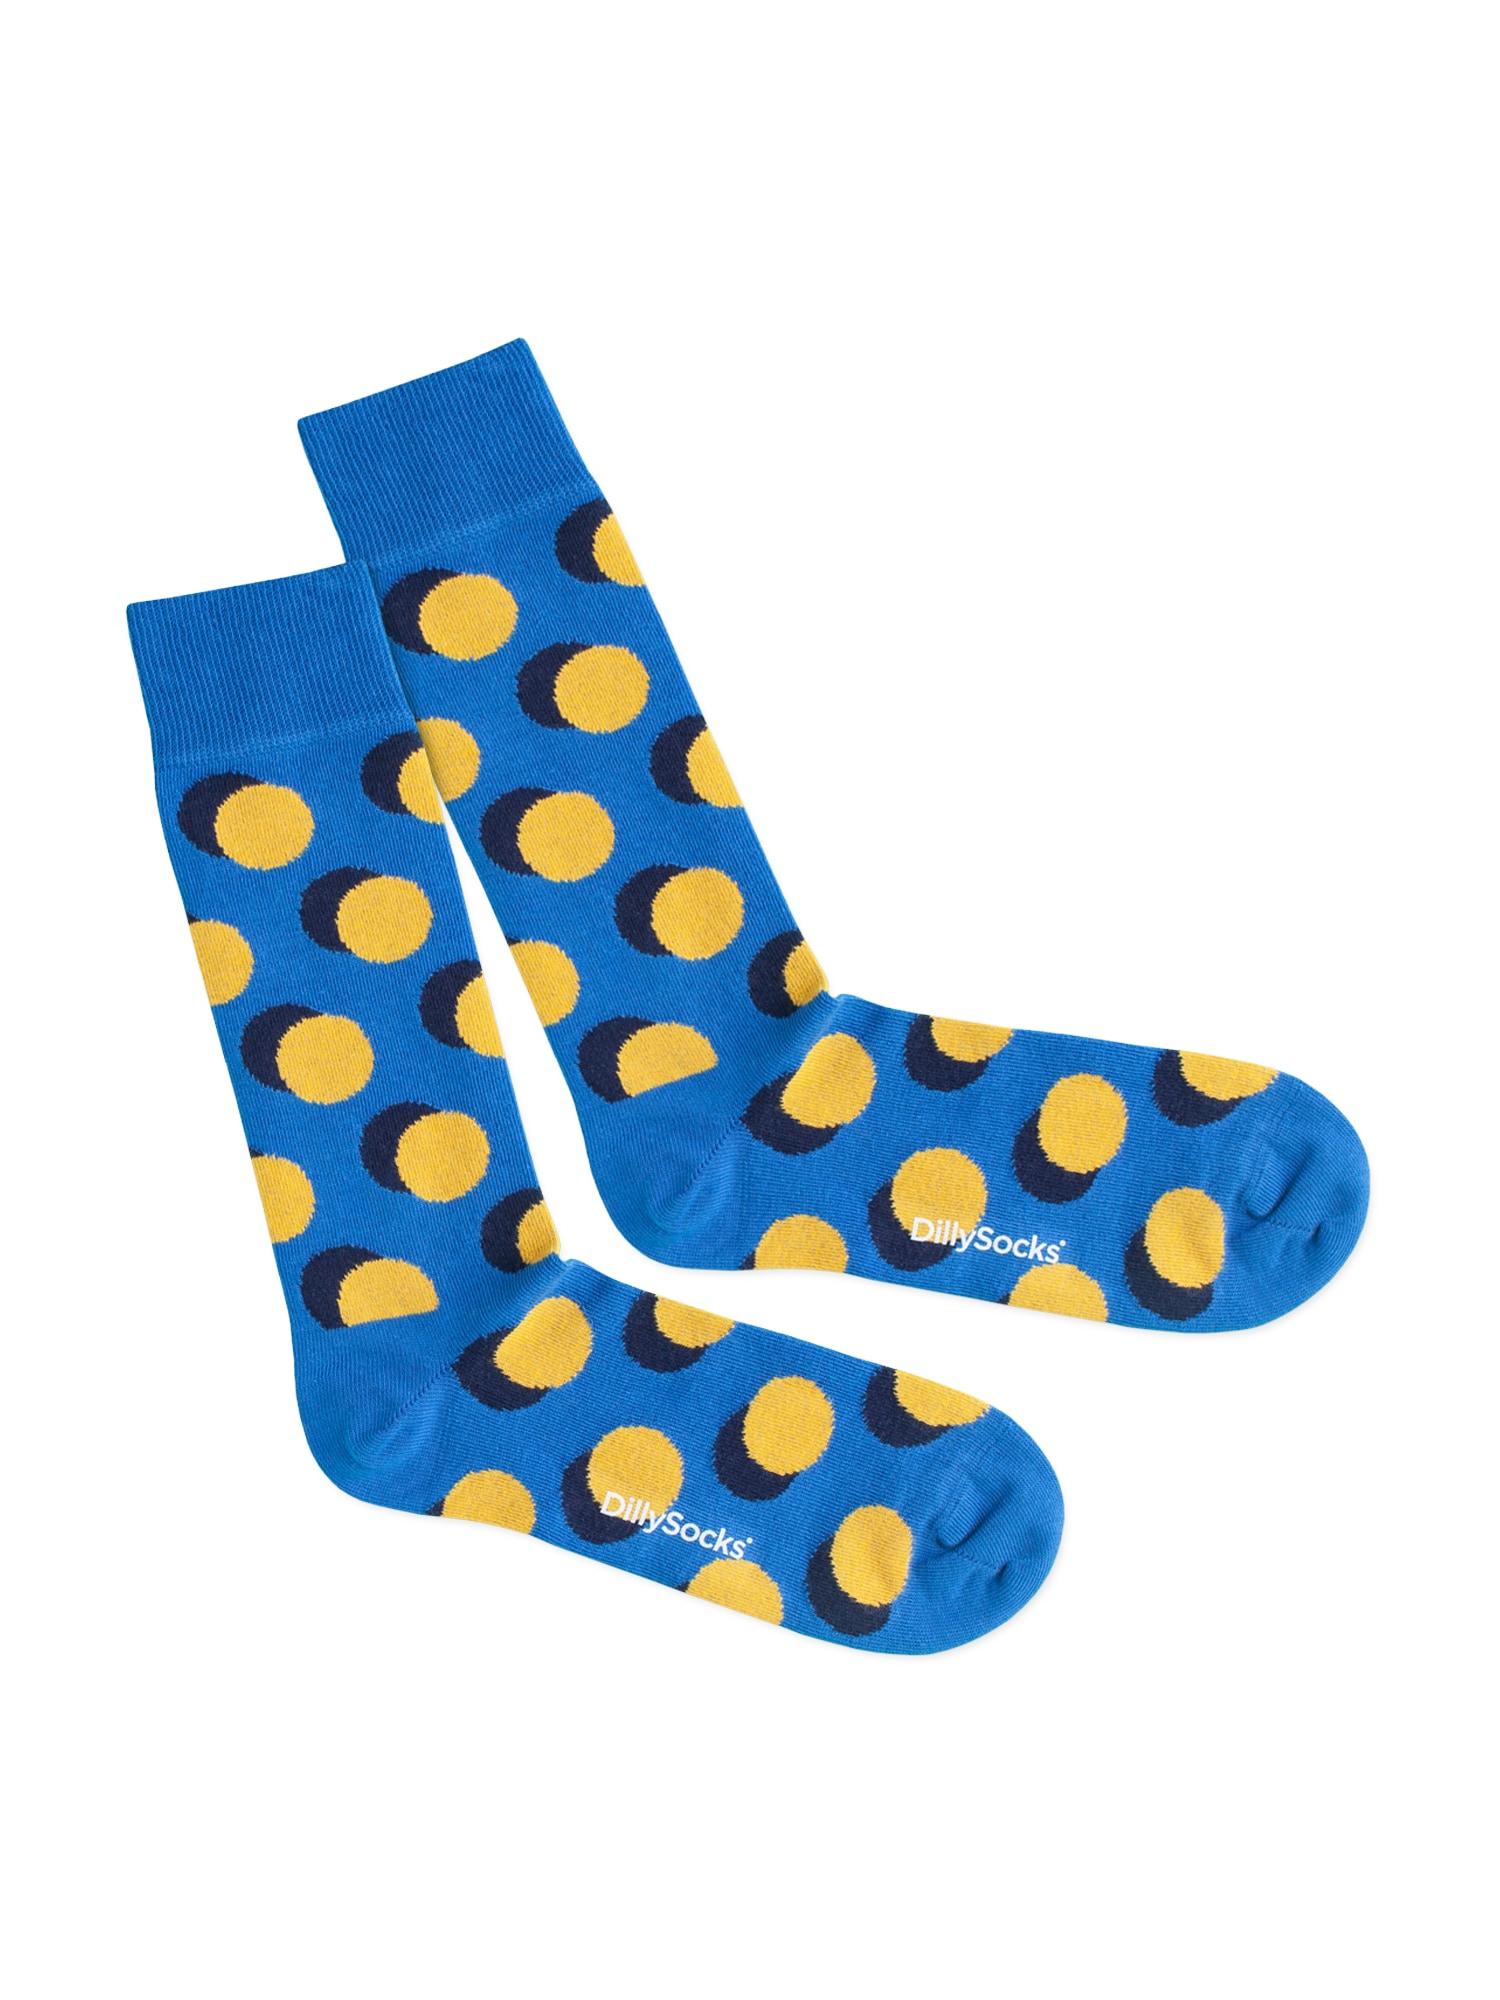 DillySocks Kojinės 'Water Shadow' geltona / mėlyna